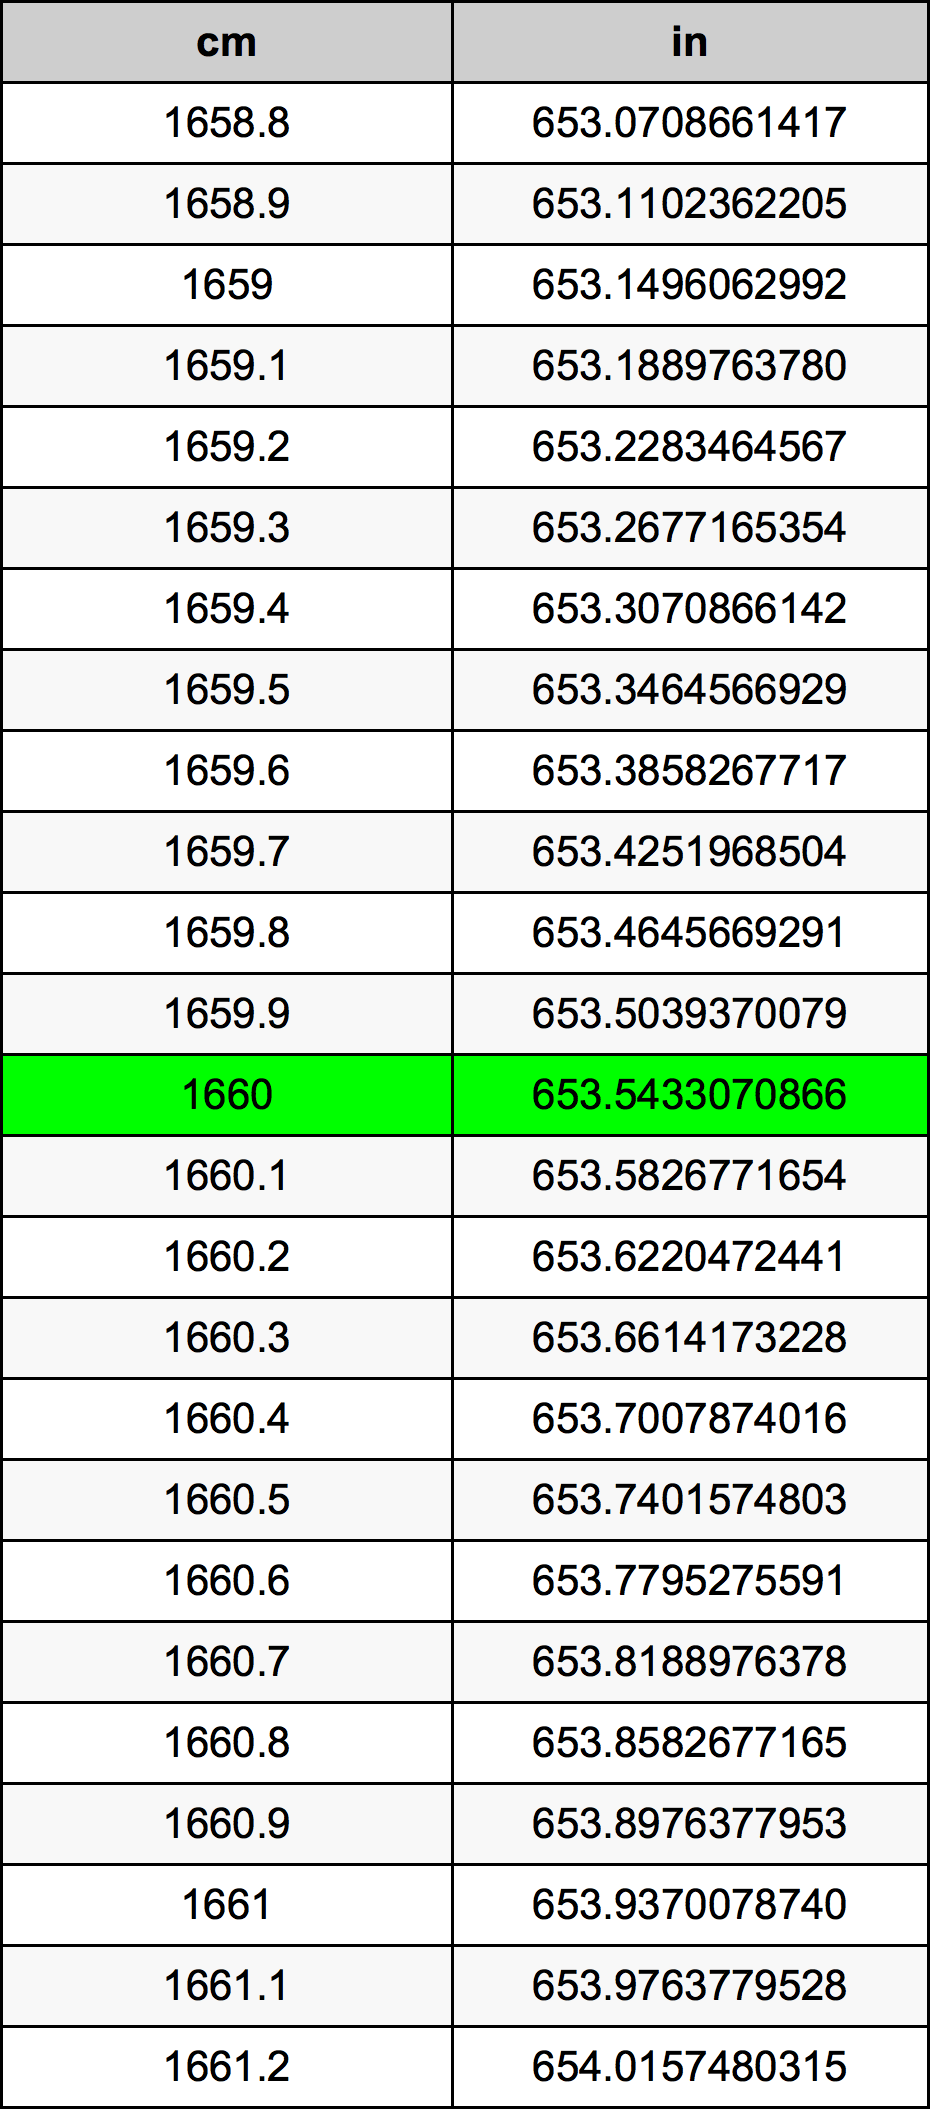 1660 Centiméter átszámítási táblázat